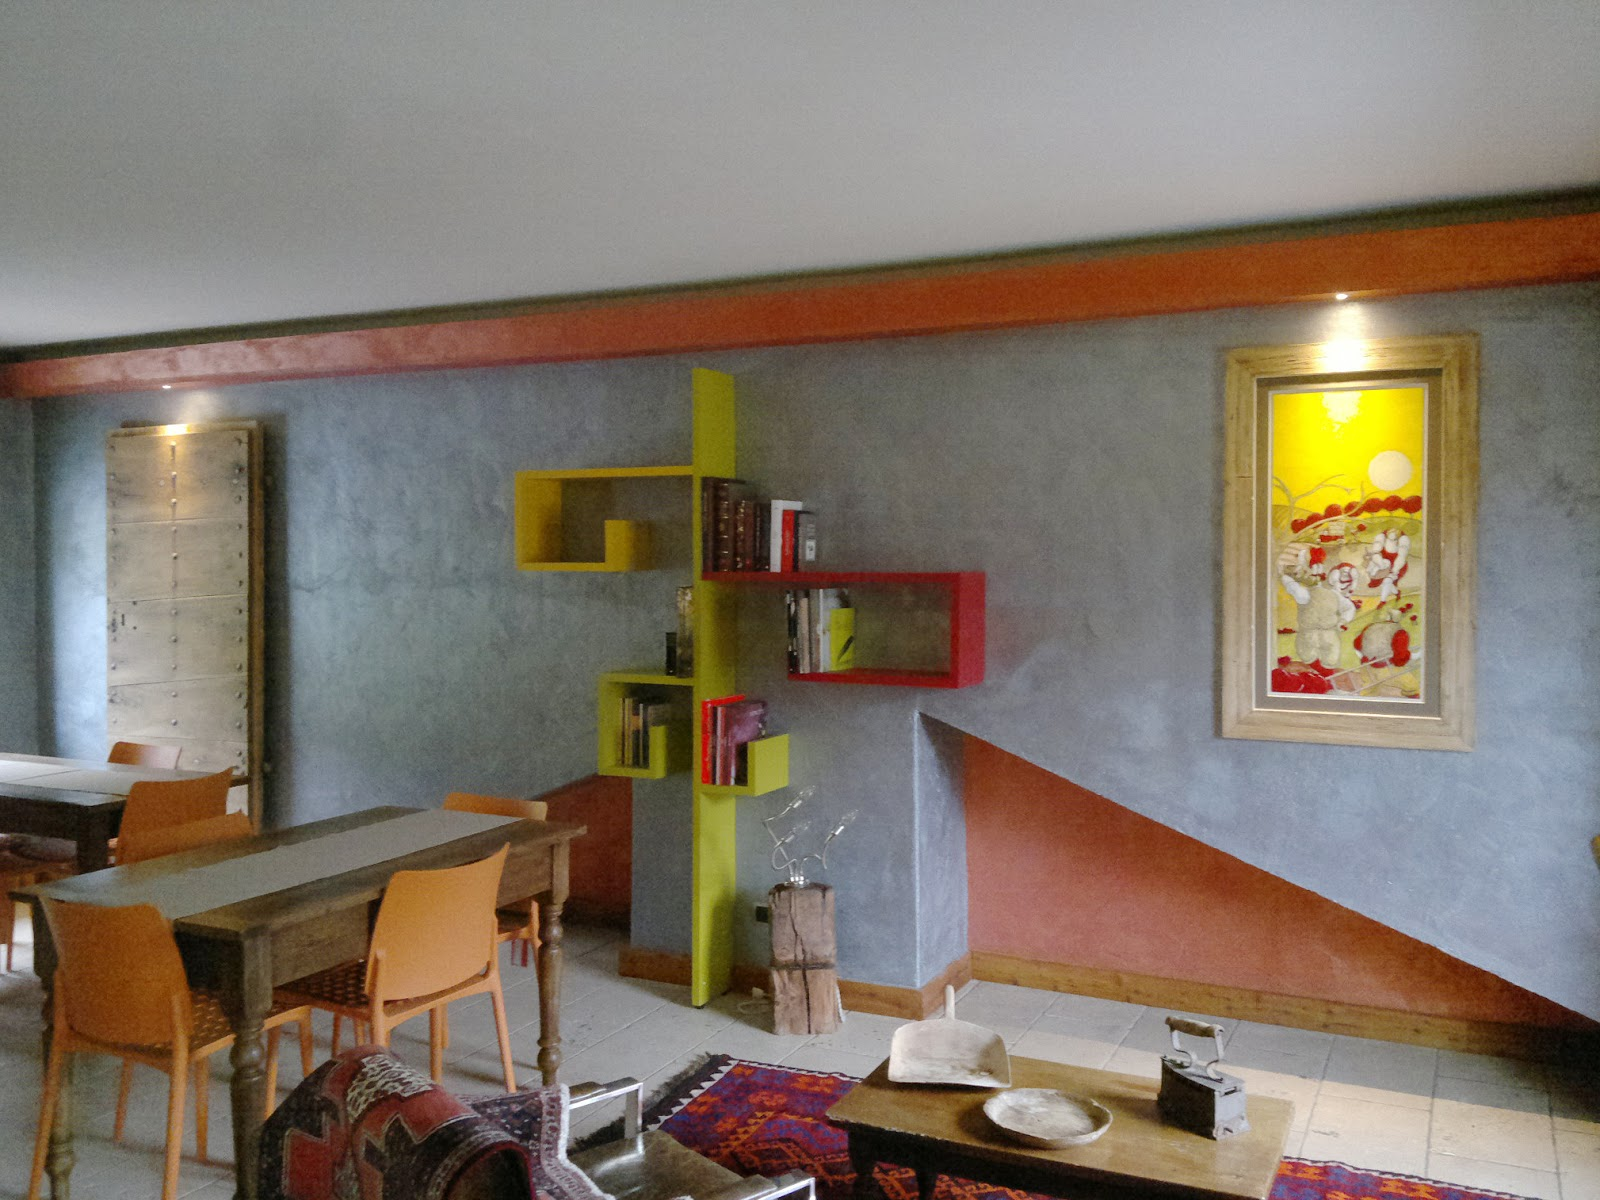 Illuminazione led casa for Led per interni casa